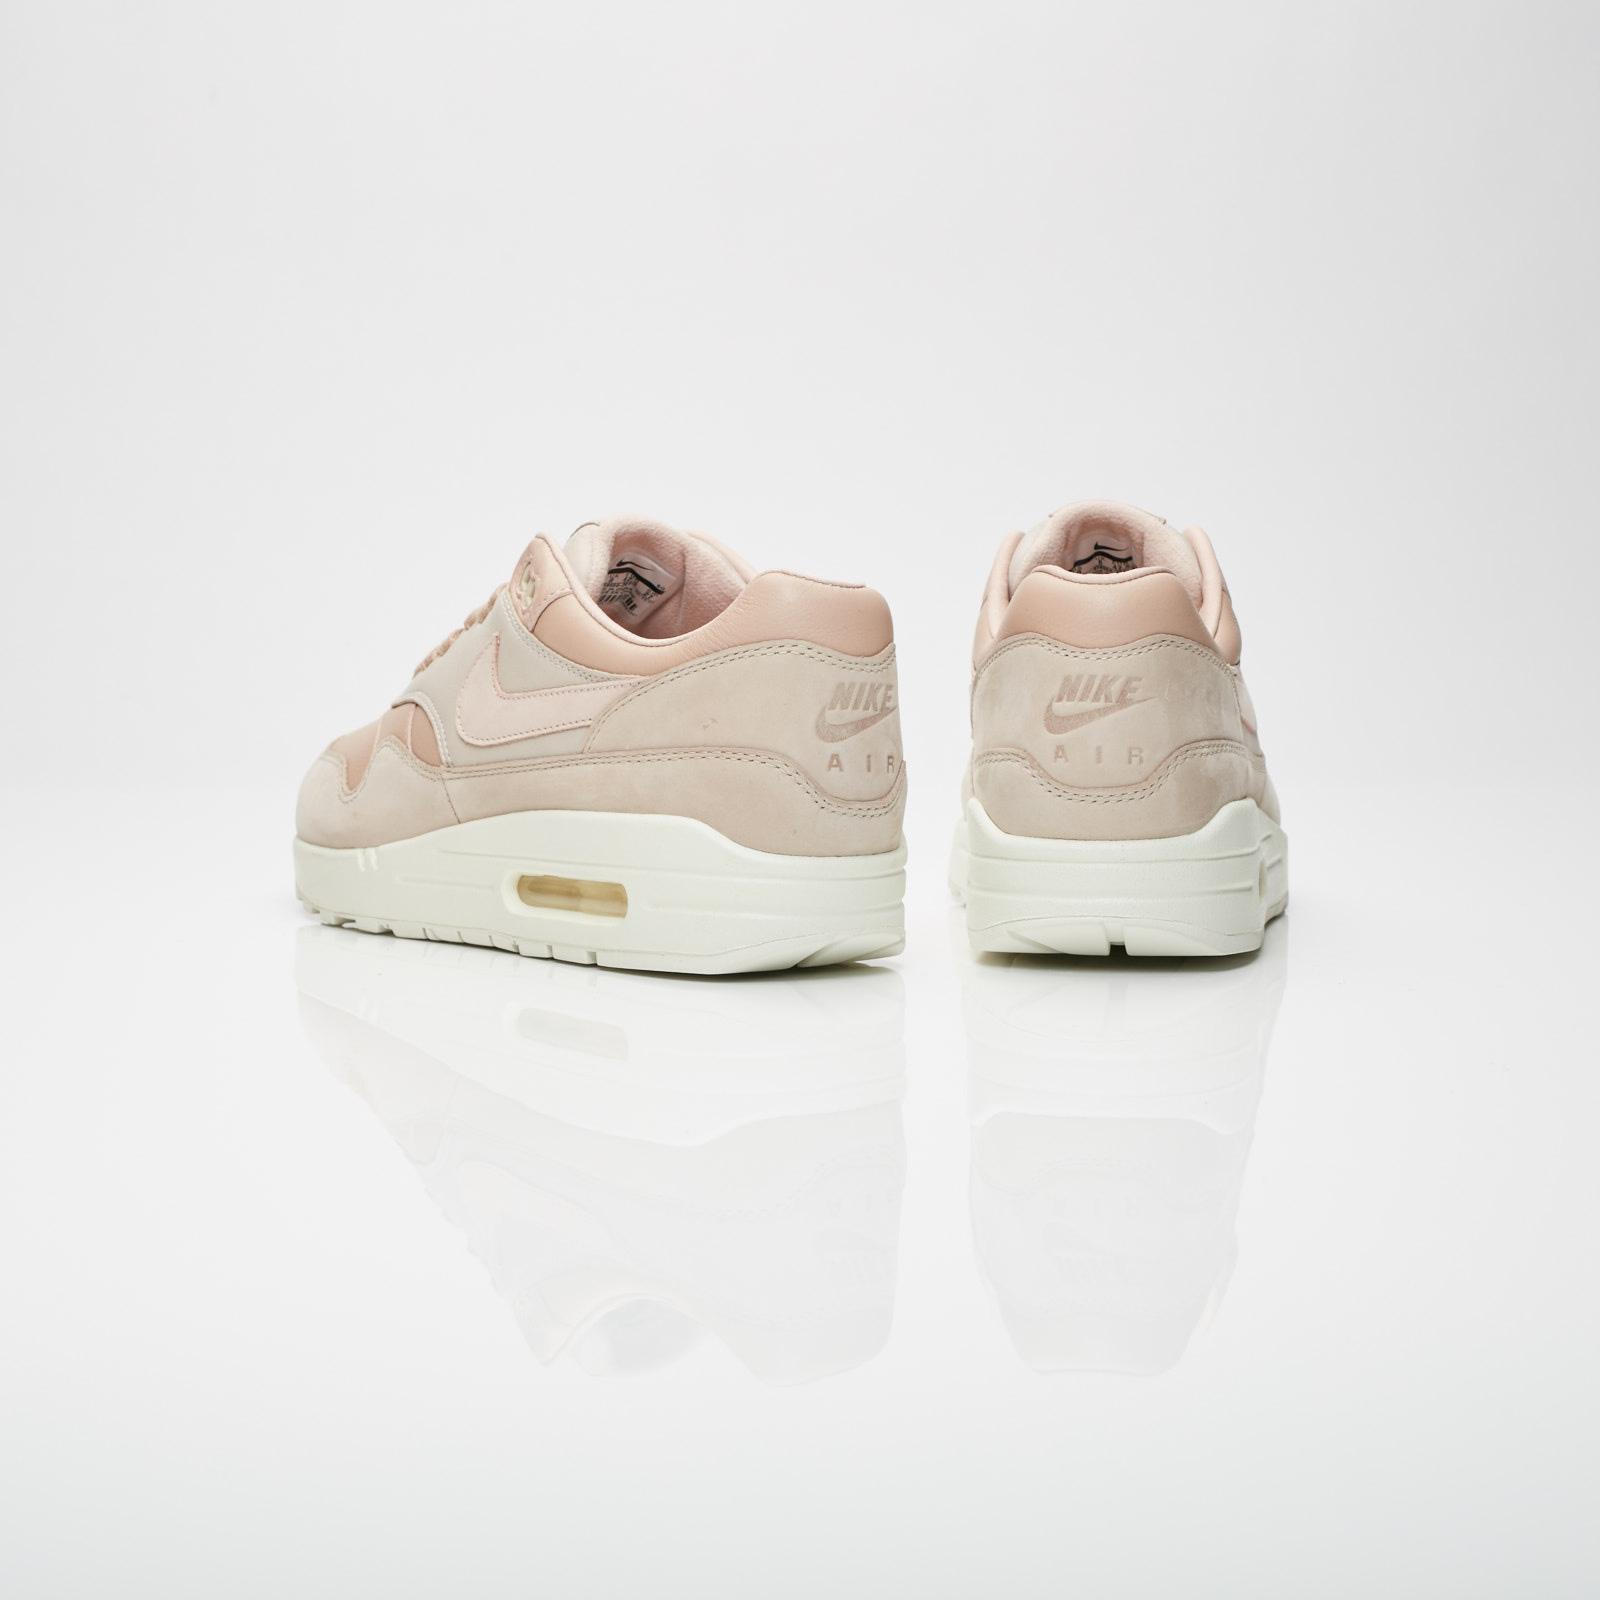 Nike Air Max 1 Pinnacle 859554 201 Sneakersnstuff